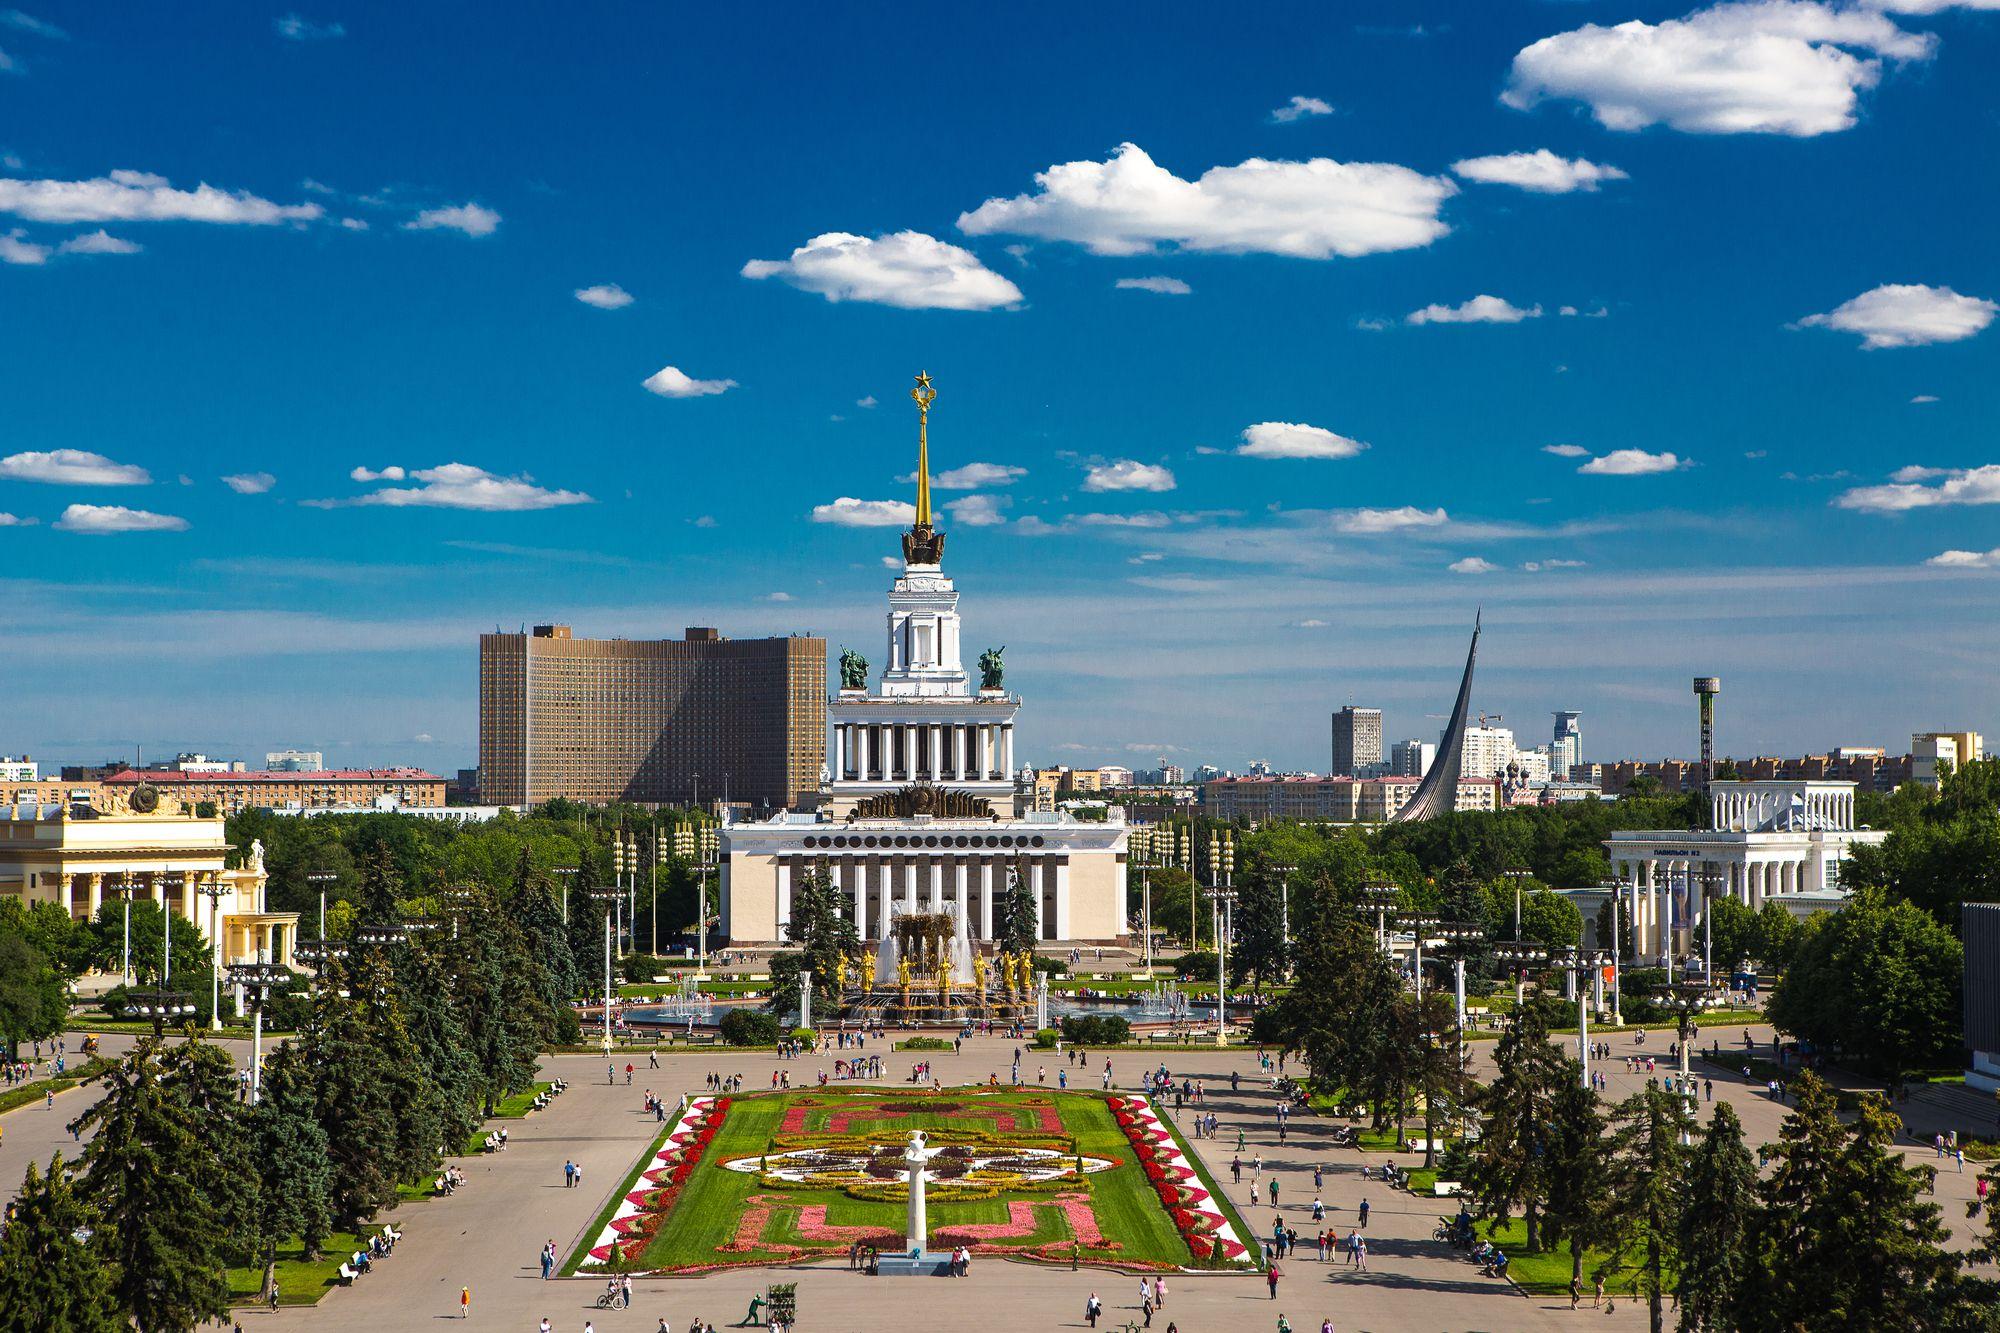 El pabellón ruso para la Bienal de Venecia 2016 examina un parque de atracciones soviético